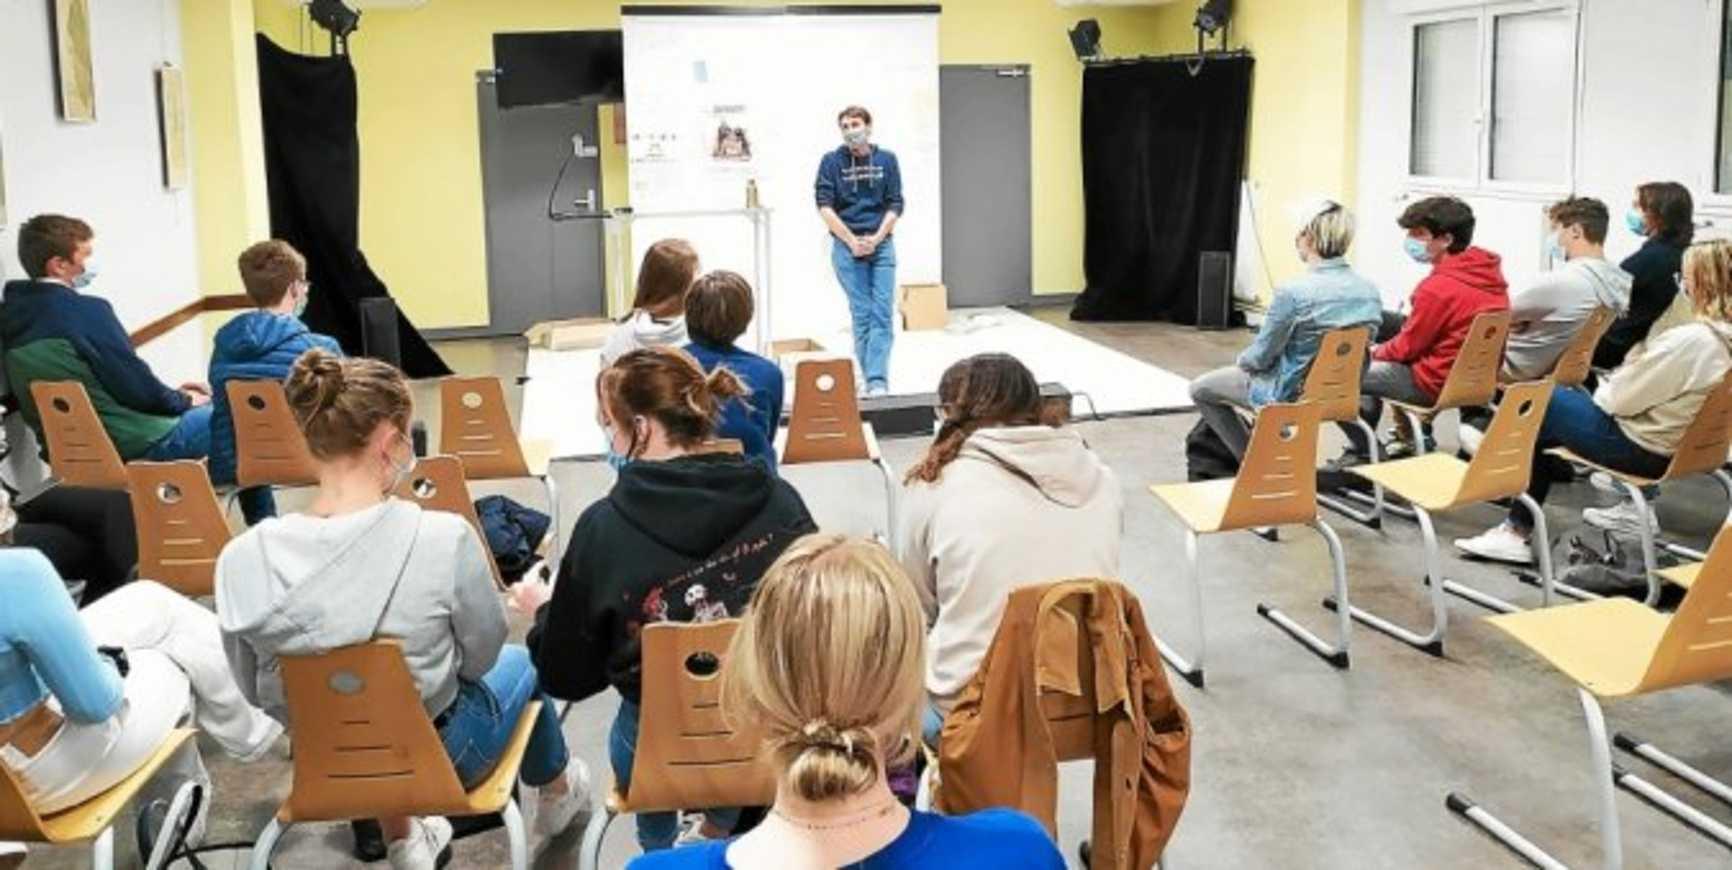 Le théâtre du Totem joue « Hommes de boue » au lycée Henri Avril à Lamballe 0